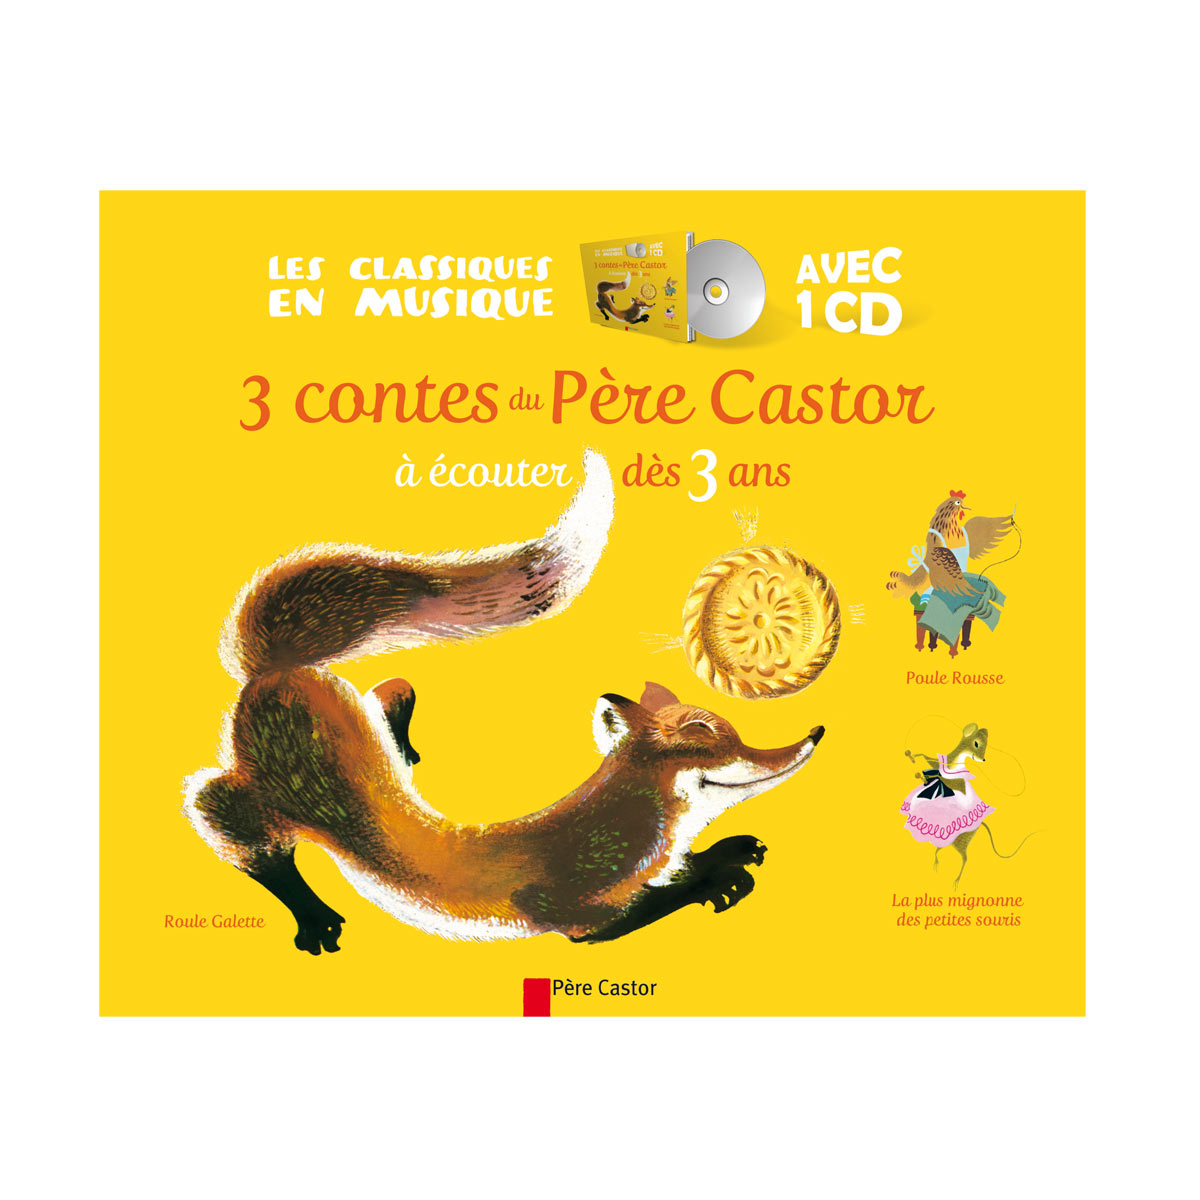 Livre-Cd Roule Galette Et 2 Autres Contes serapportantà Histoire Roule Galette